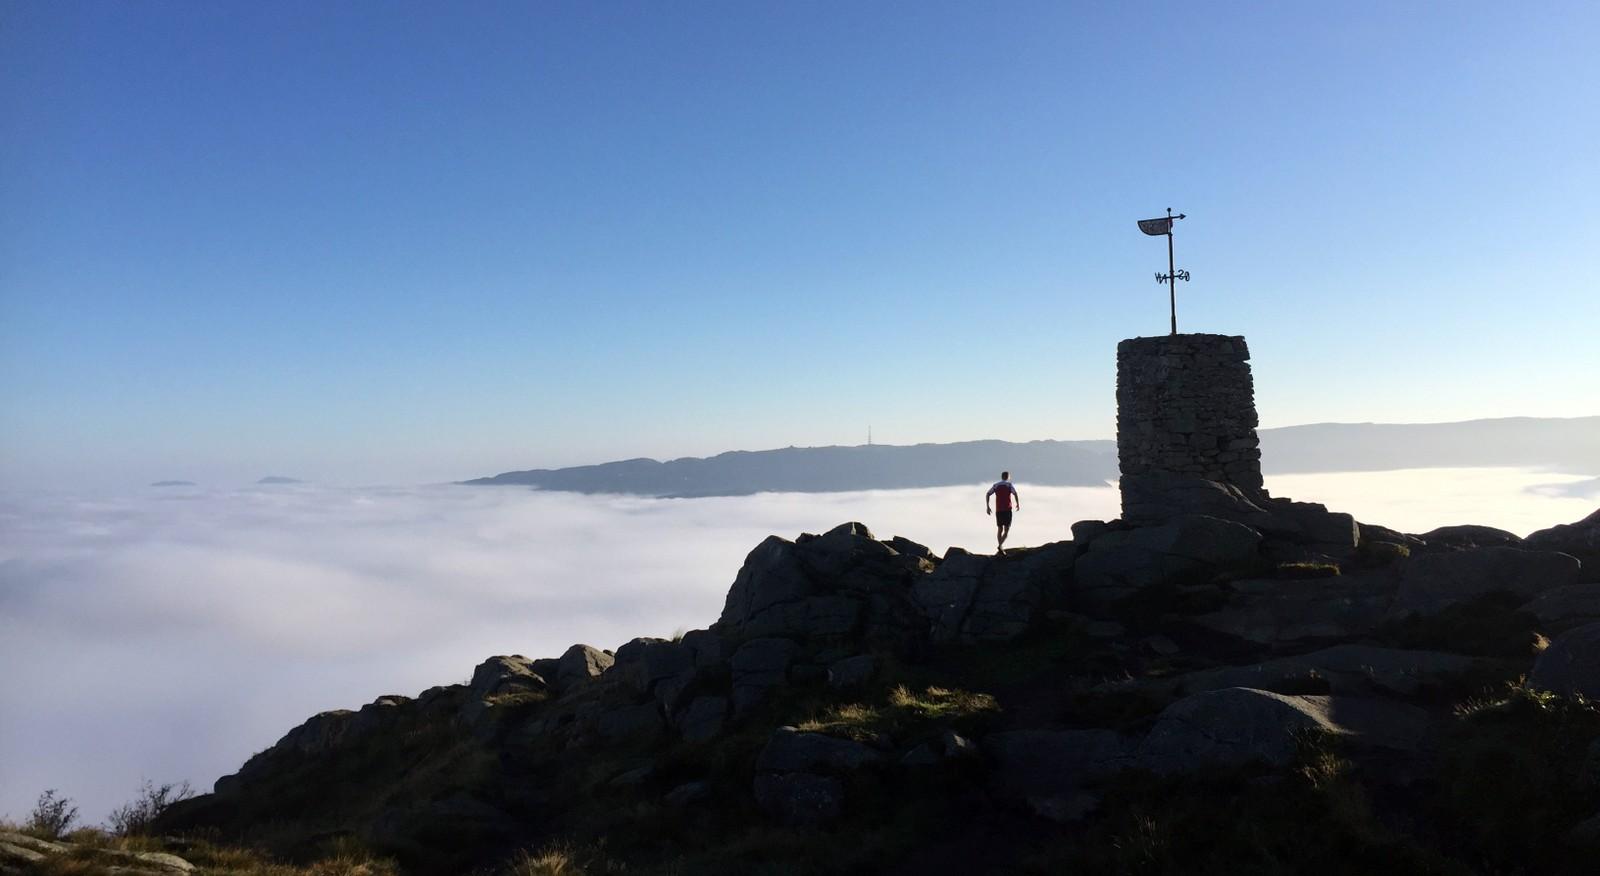 NESTEN ALENE: Pål Bentdal hadde Løvstakken nesten for seg selv denne morgenen. Rundt klokken syv var han på toppen.